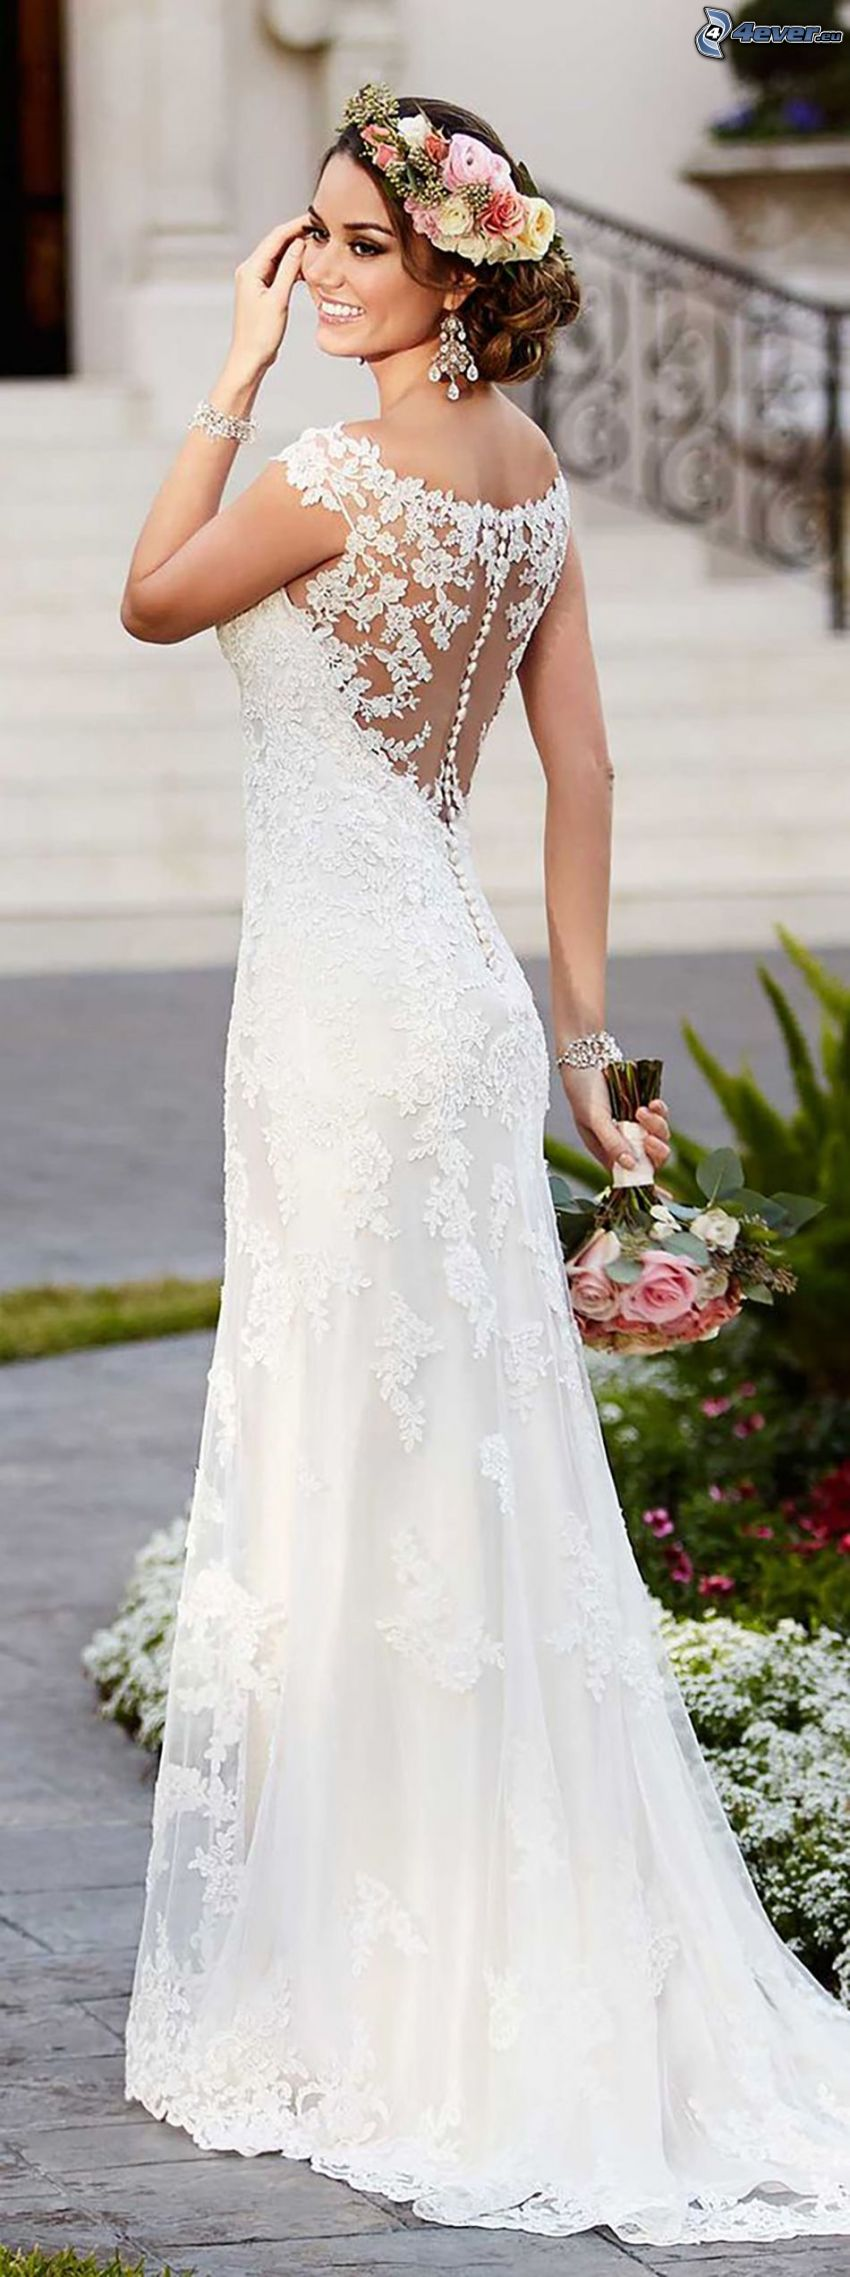 Brautkleid, Braut, Hochzeitsstrauß, Stirnband